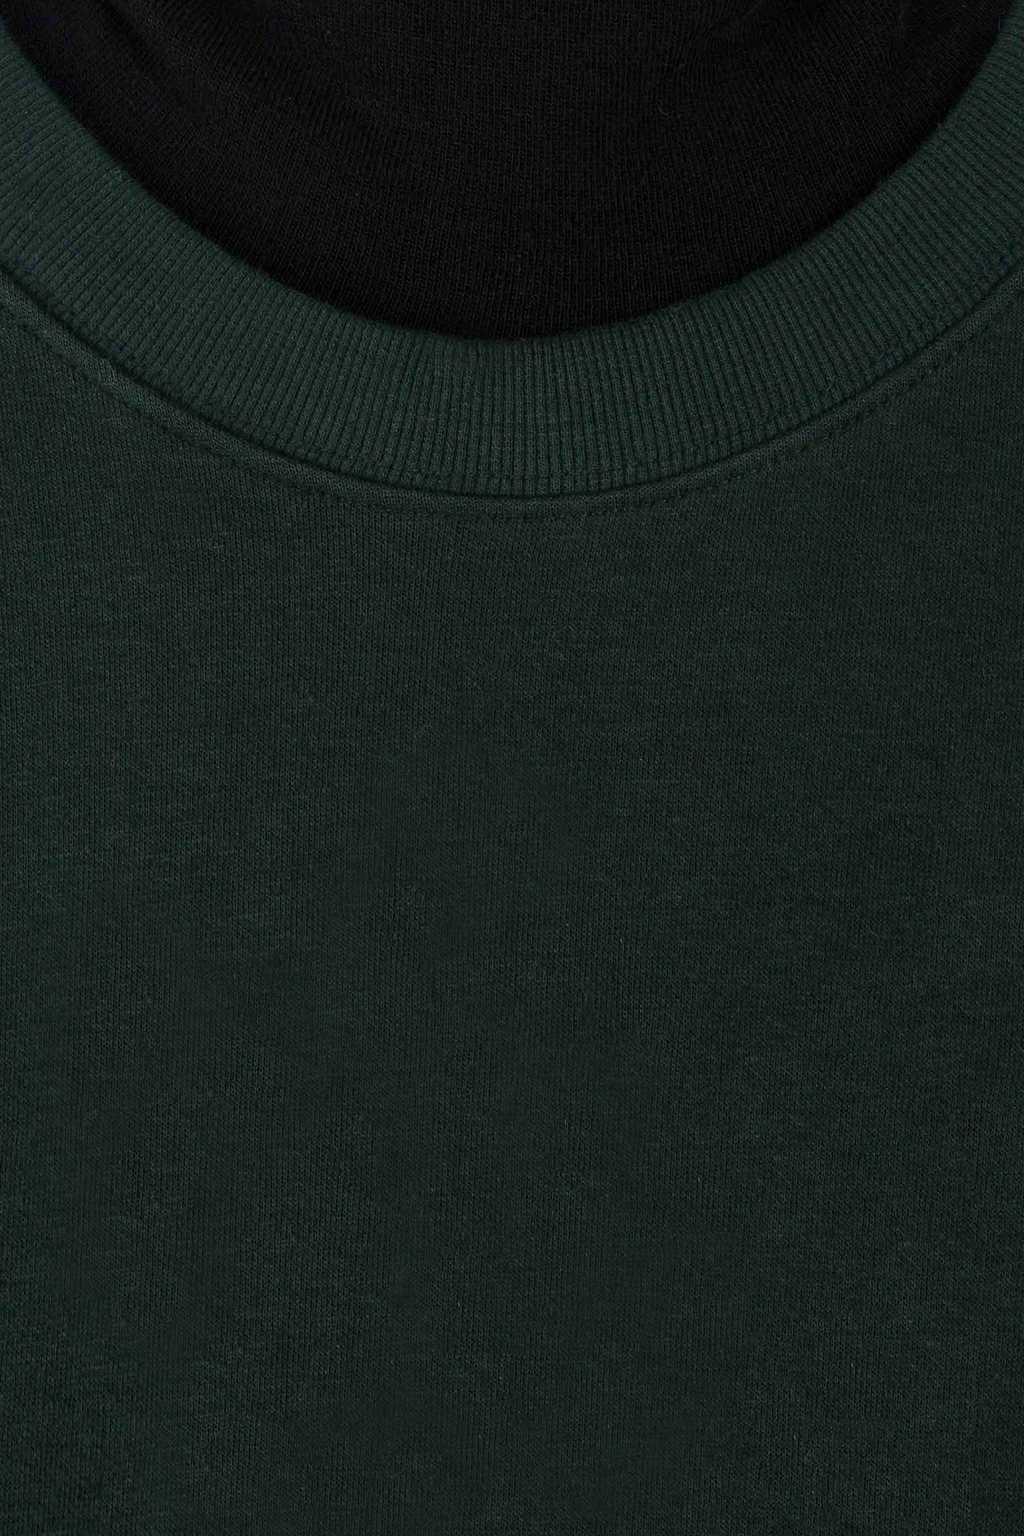 TShirt H391 Green 10